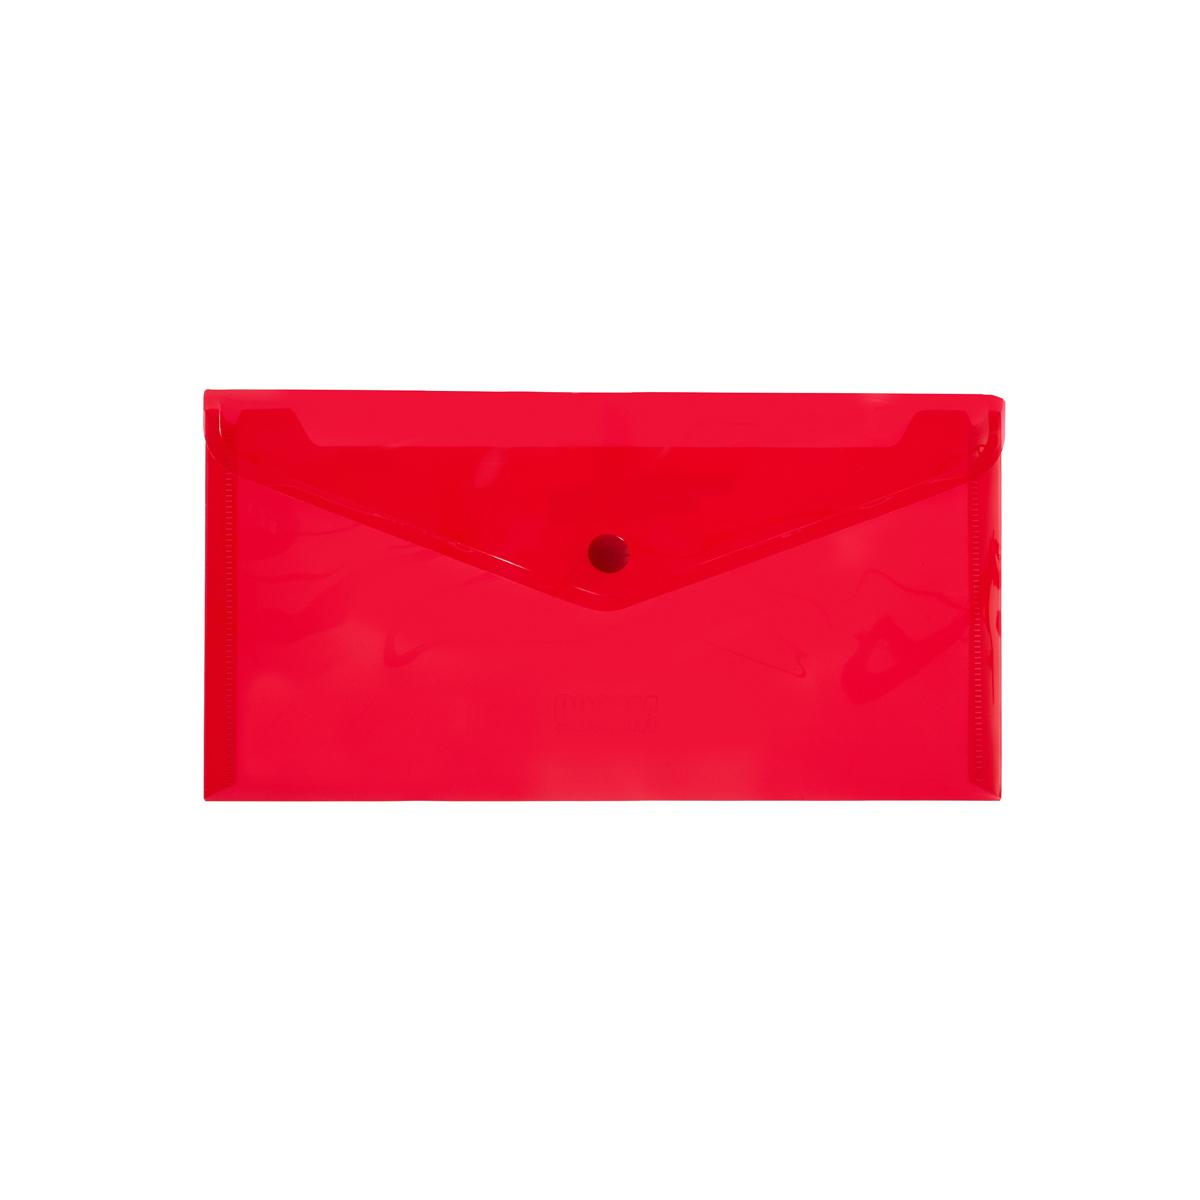 DL Envelope Carry Folder